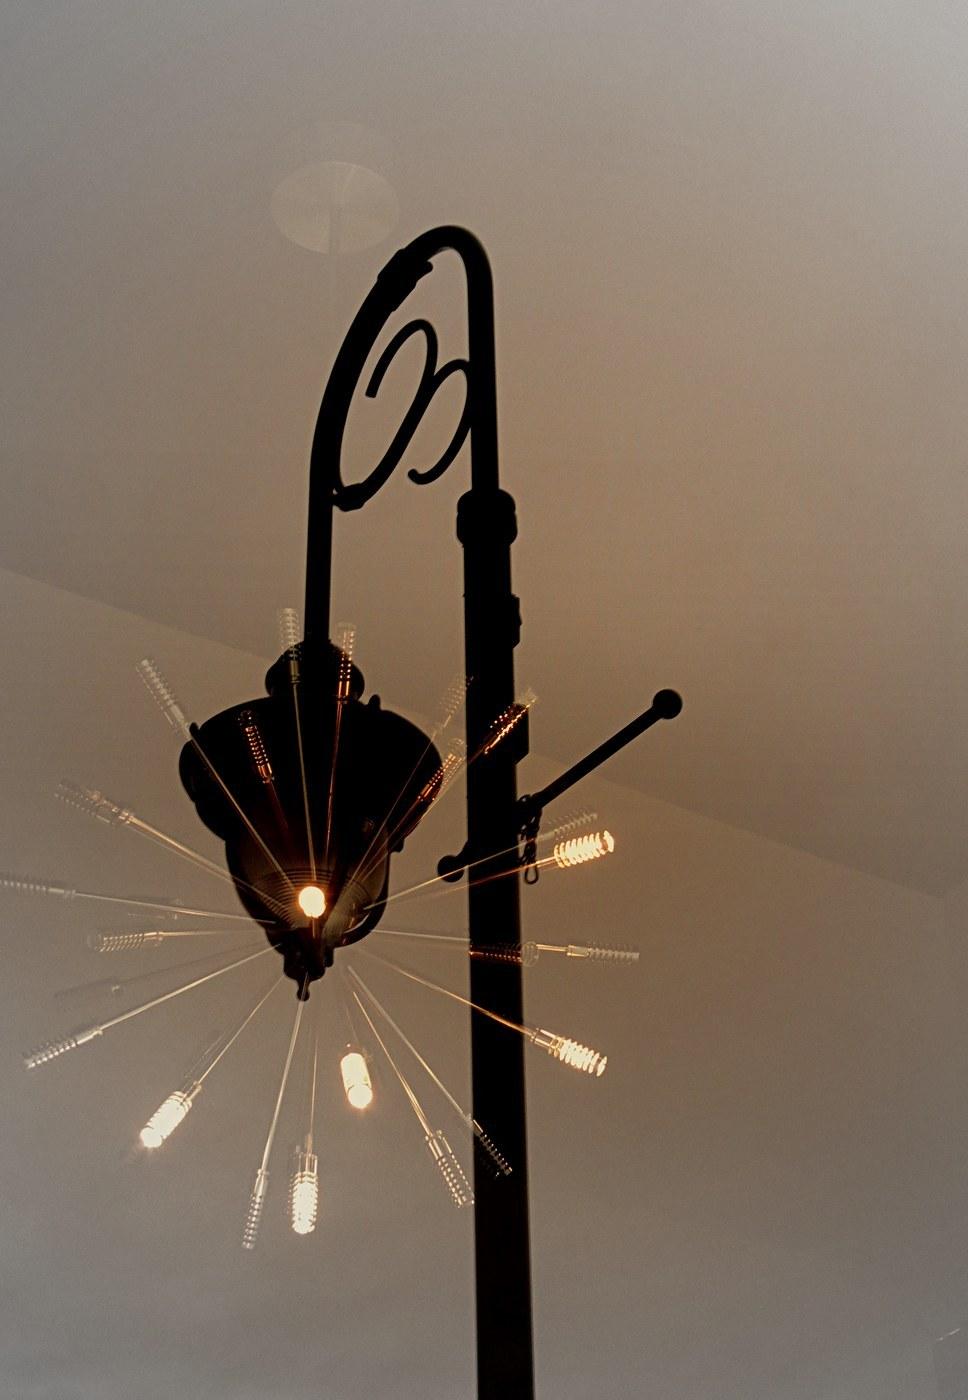 lampadaire étincelant - sparkling streetlamp